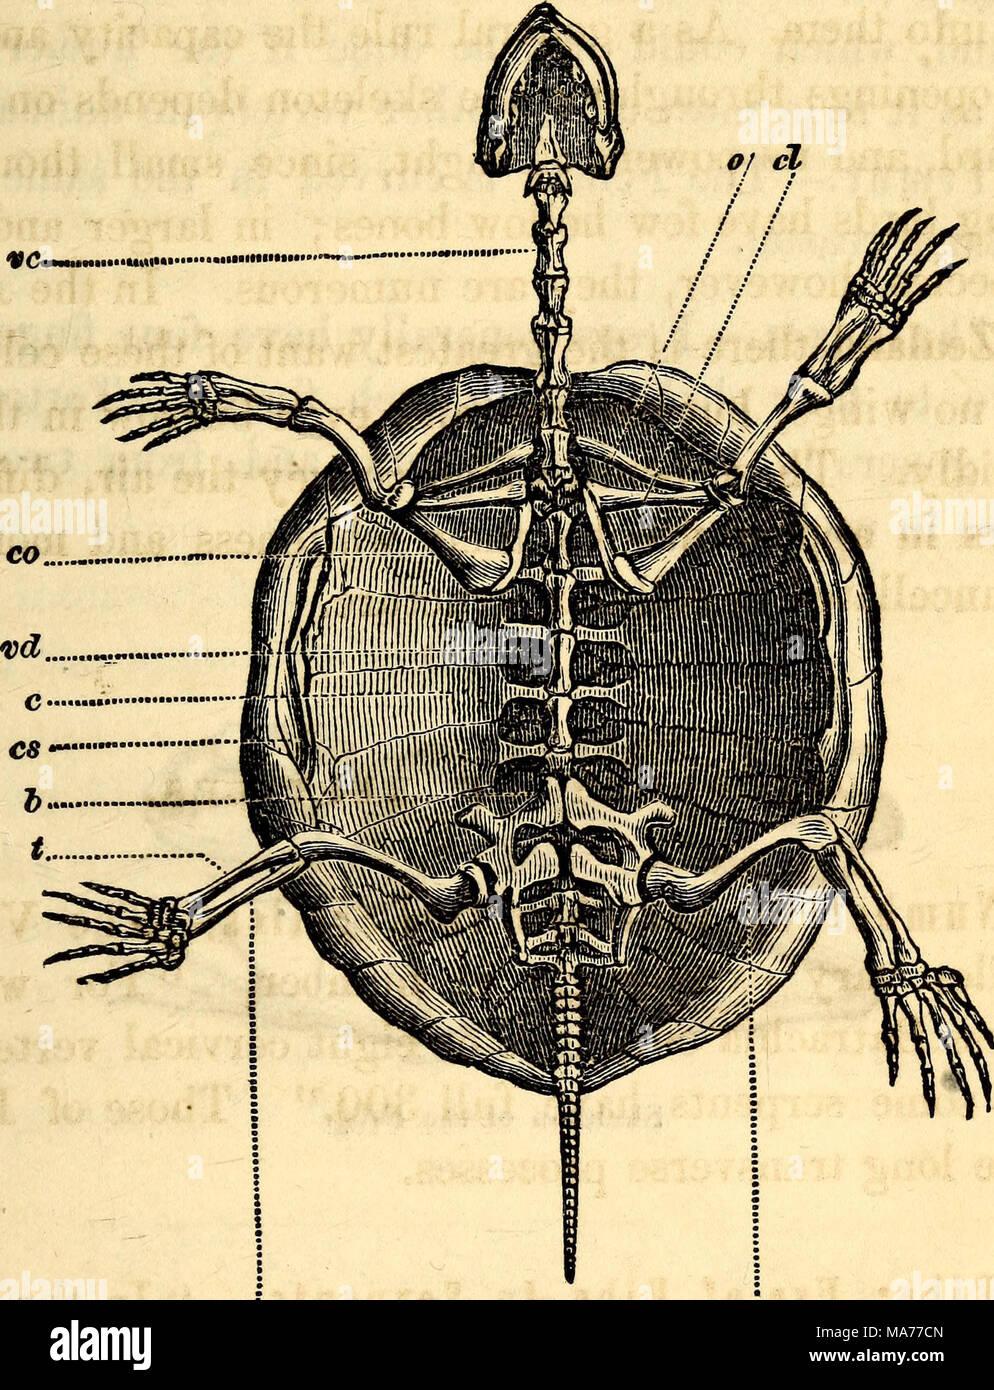 Increíble Anatomía Cuadro De Tortuga Cresta - Anatomía de Las ...